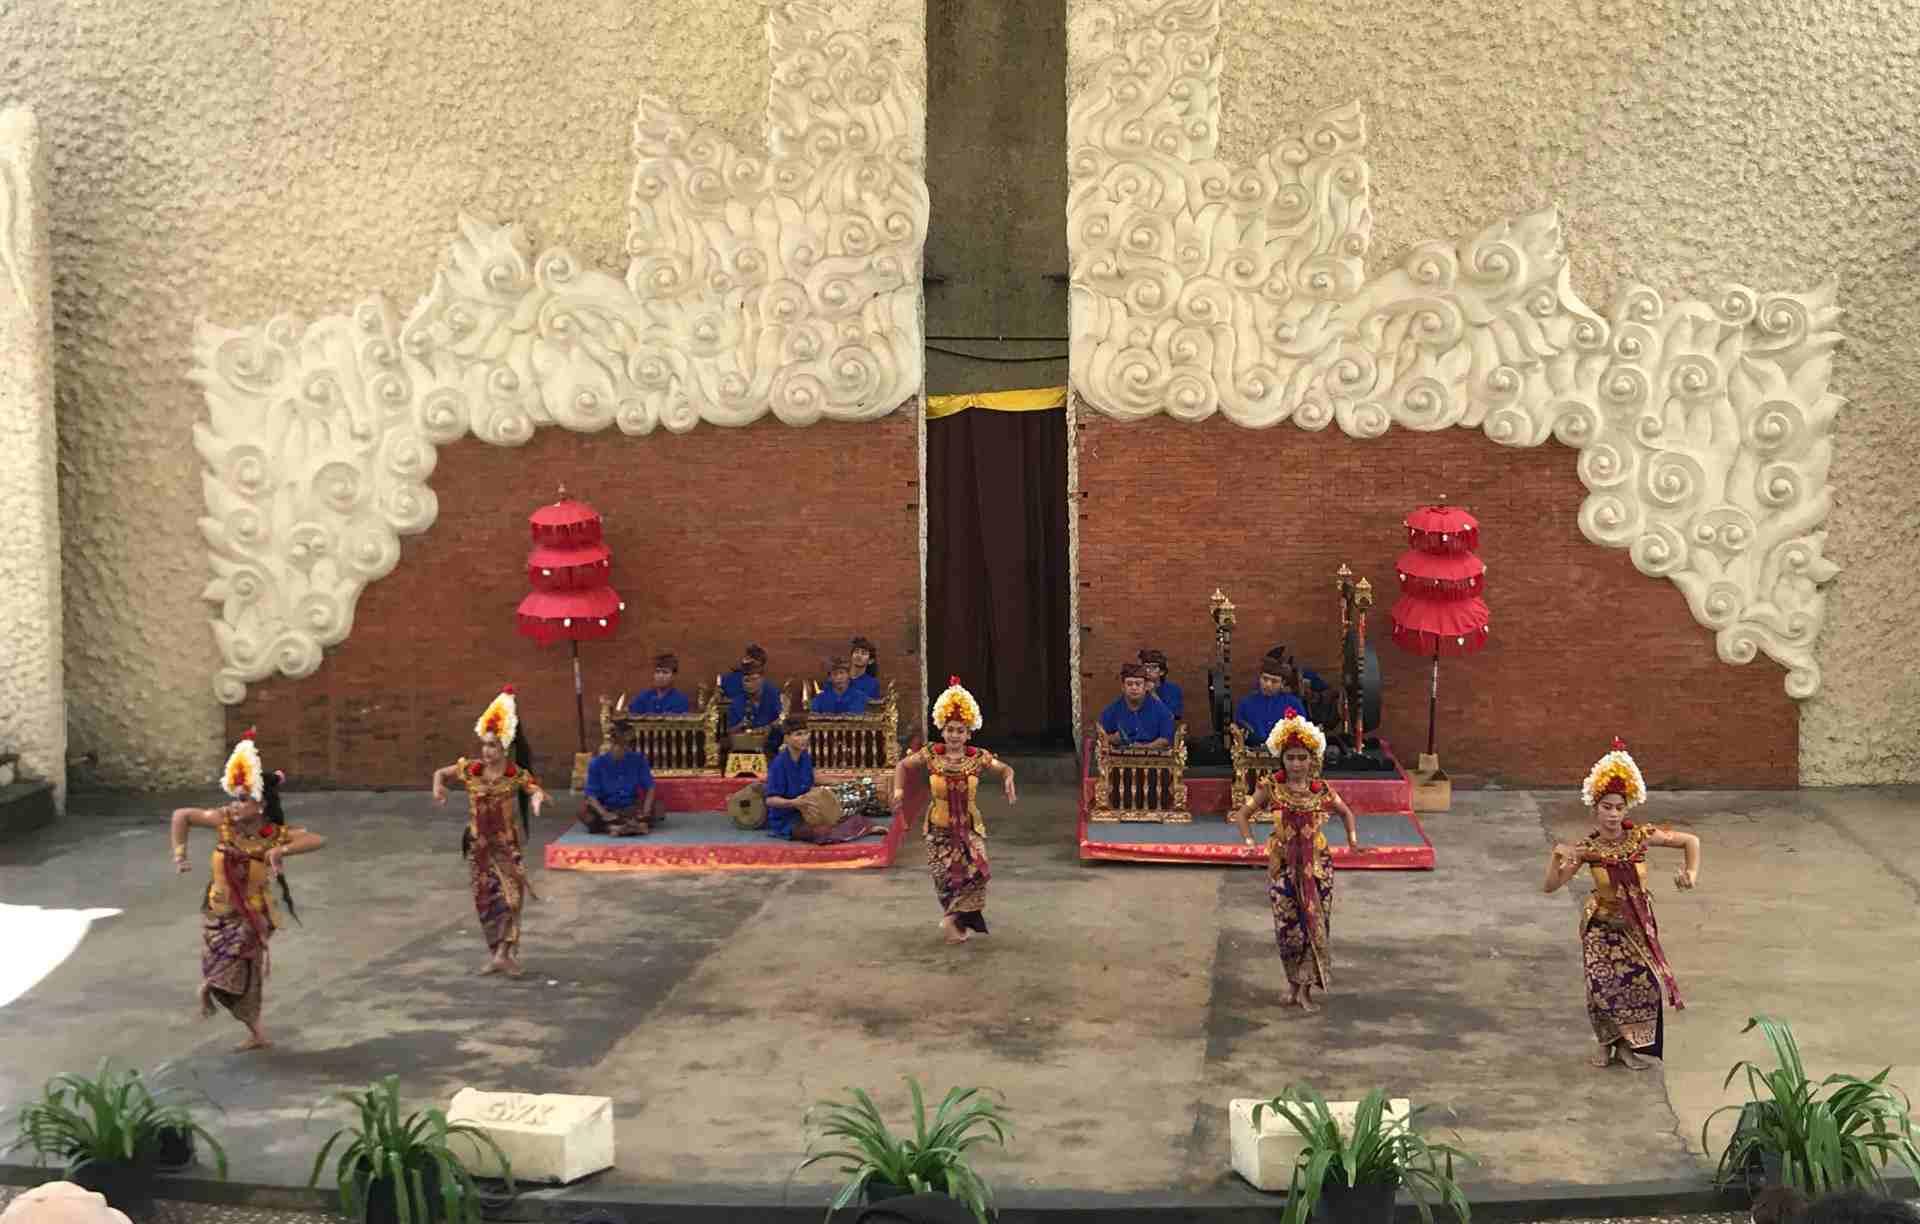 11-auffuehrung-im-kulturpark-garuda-wisnu-kencana